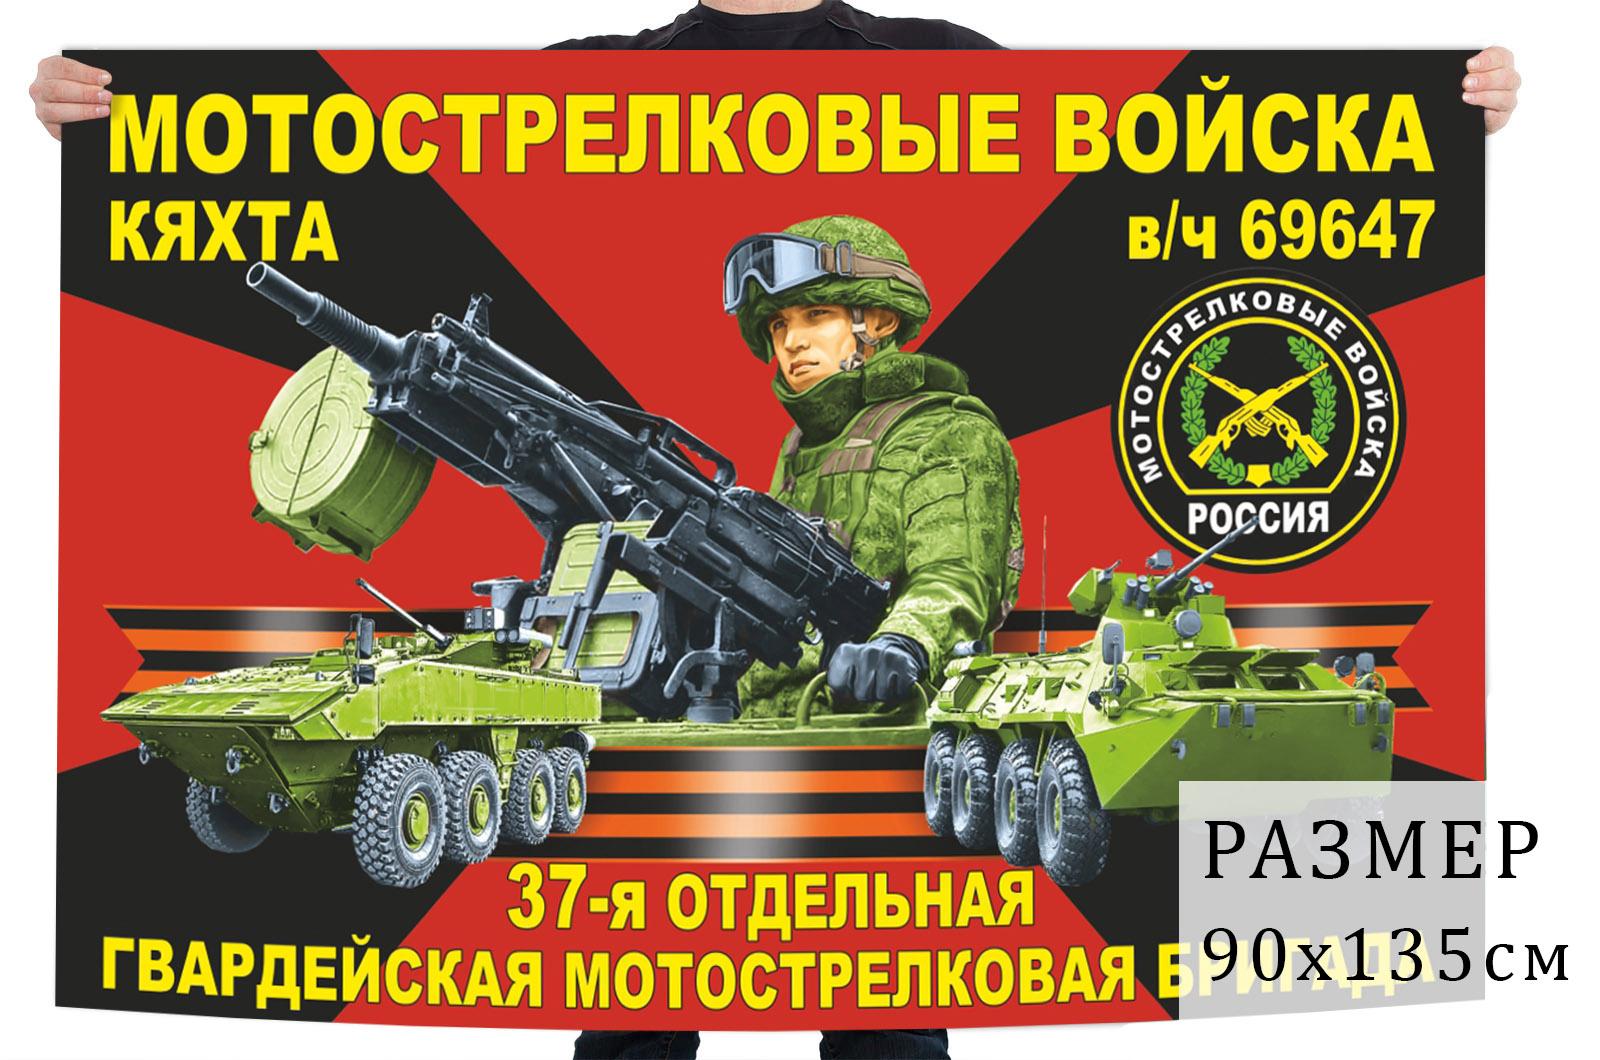 Флаг 37 отдельной гвардейской мотострелковой бригады